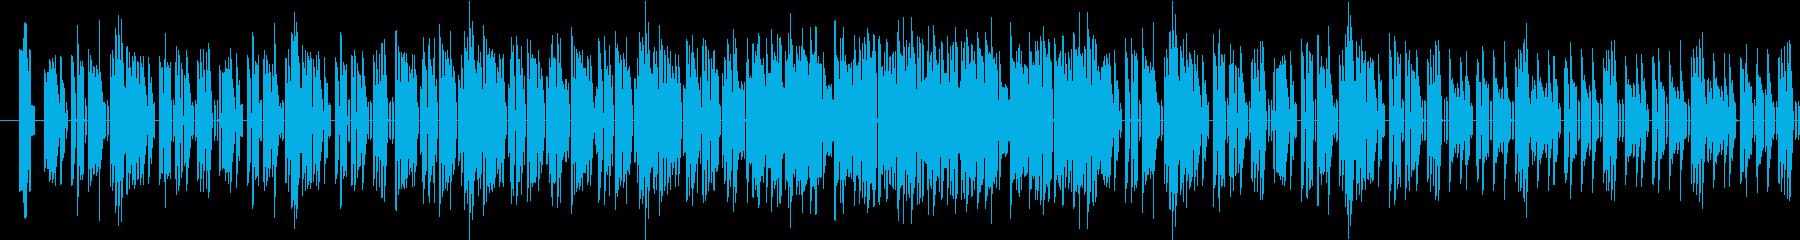 ★8bit ファミコン風 戦闘開始前の再生済みの波形